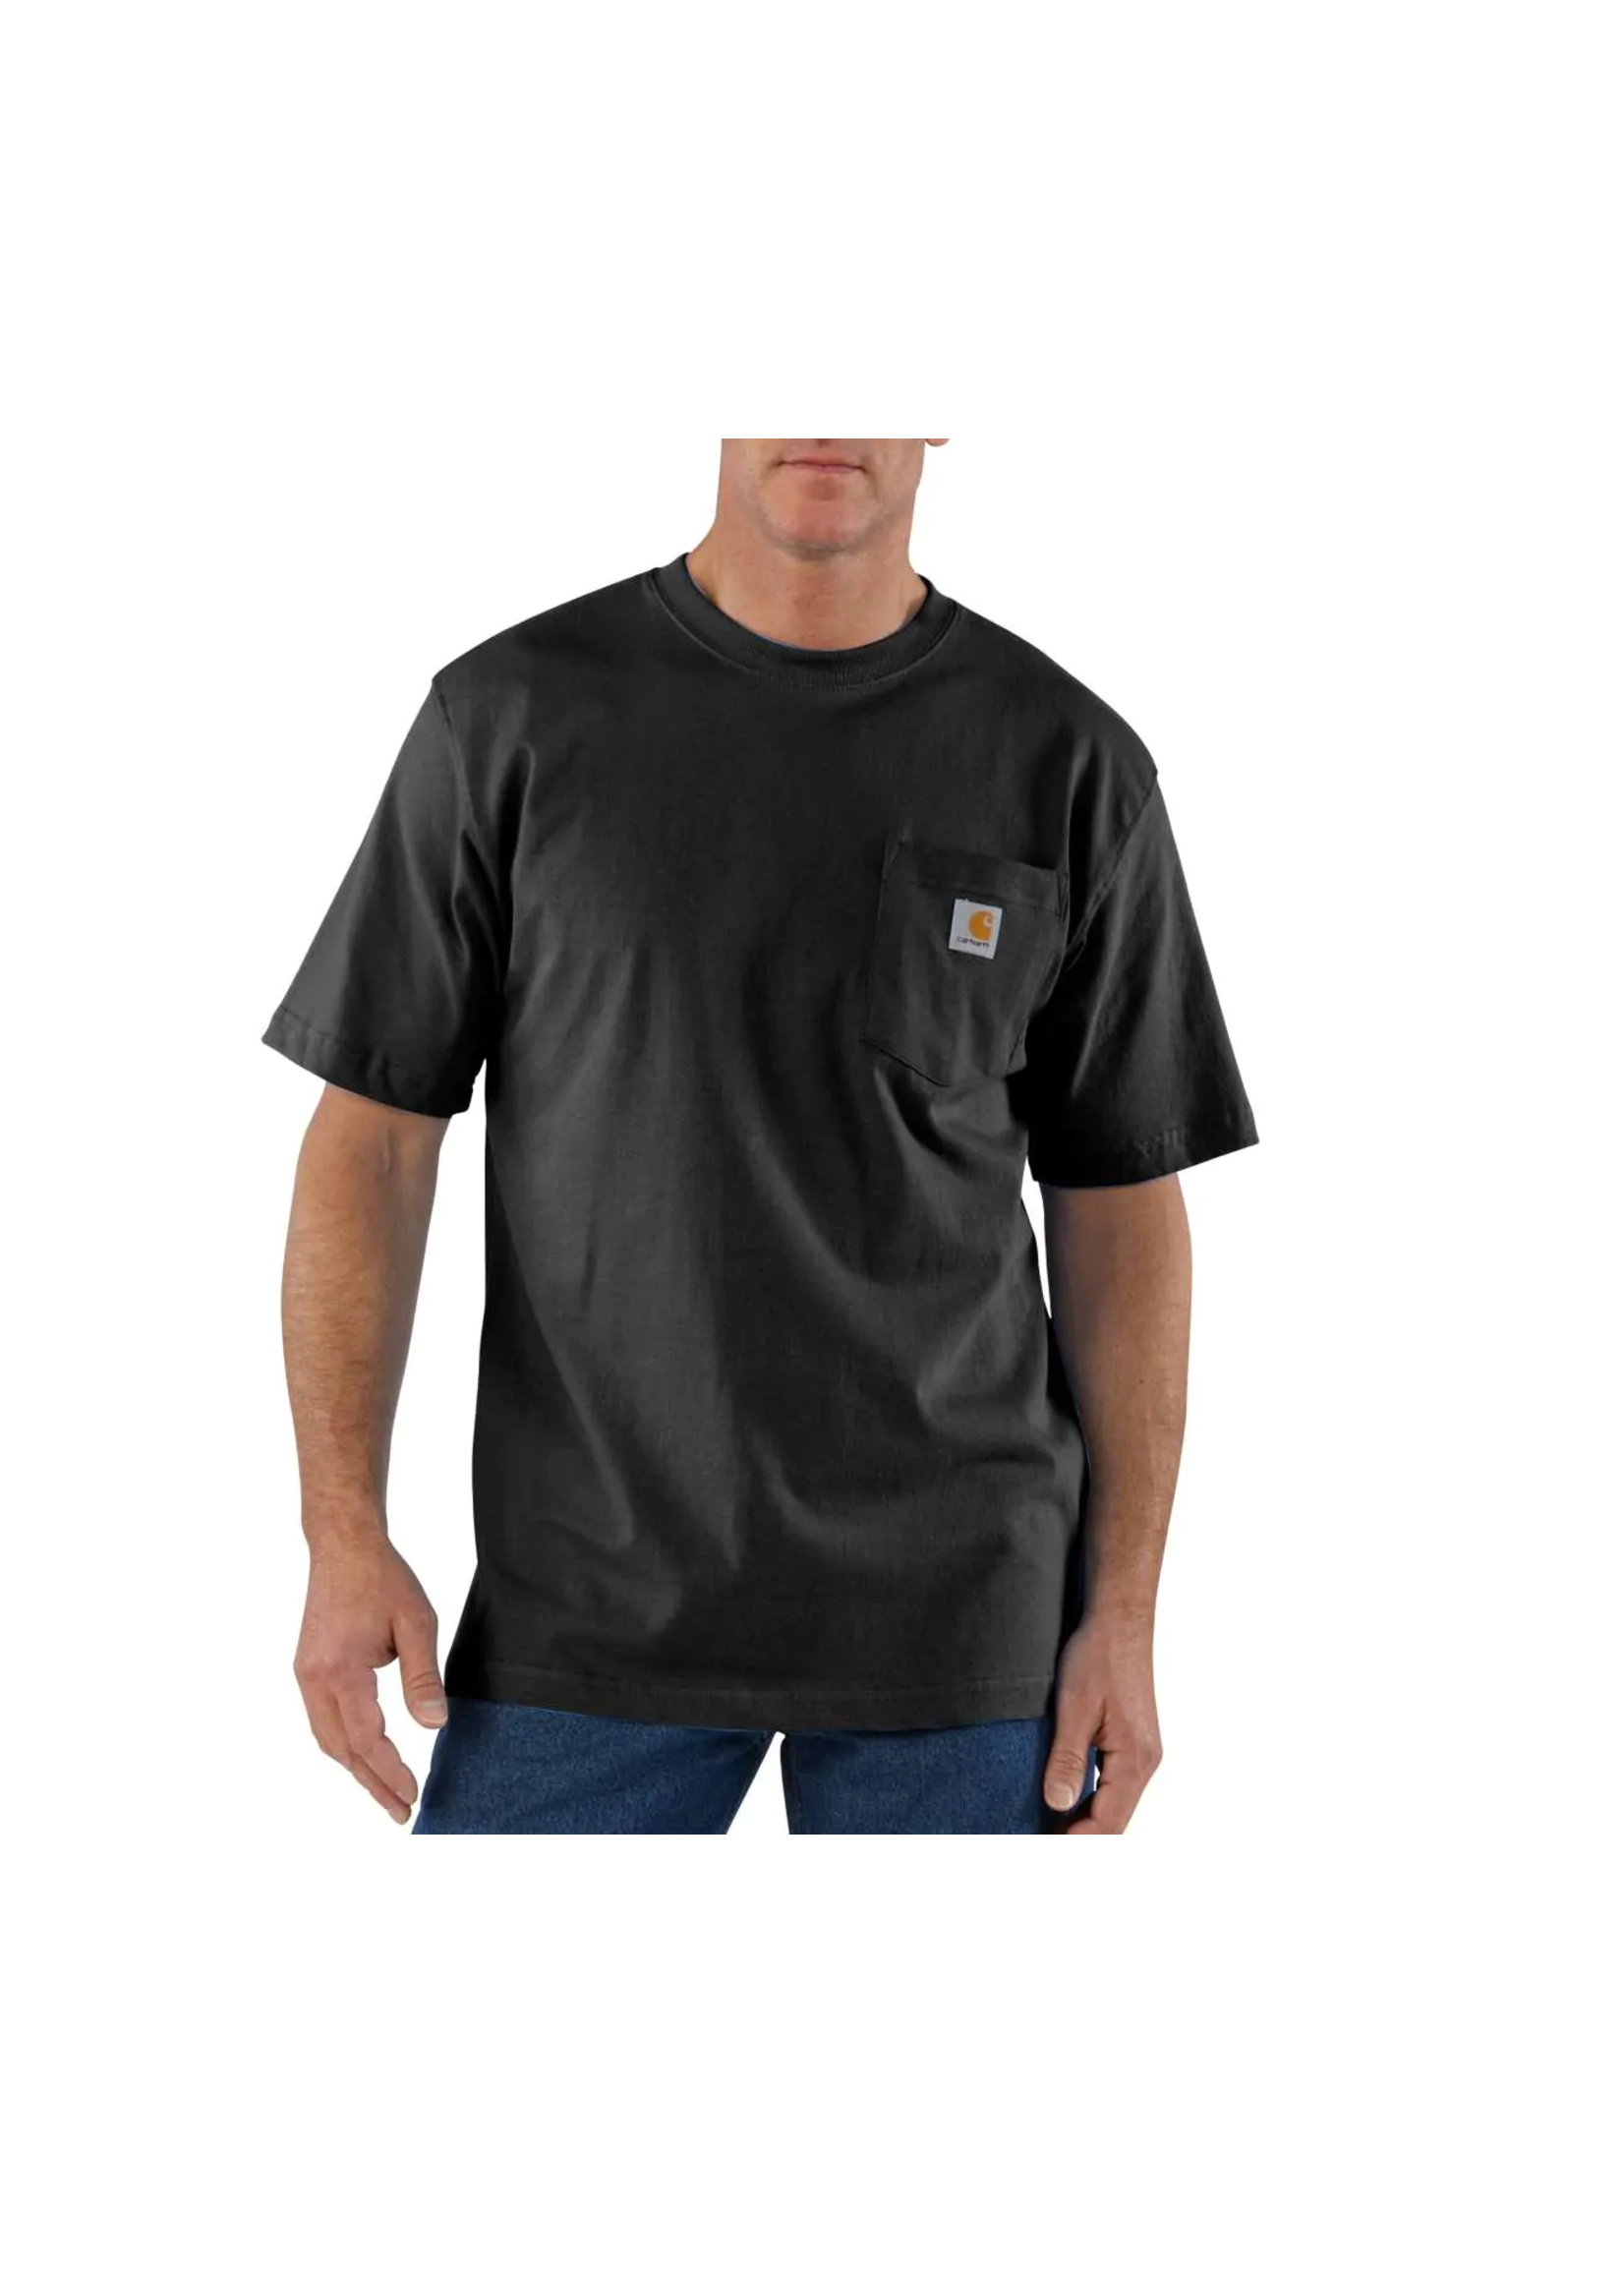 Carhartt Workwear Pkt  T-shirt